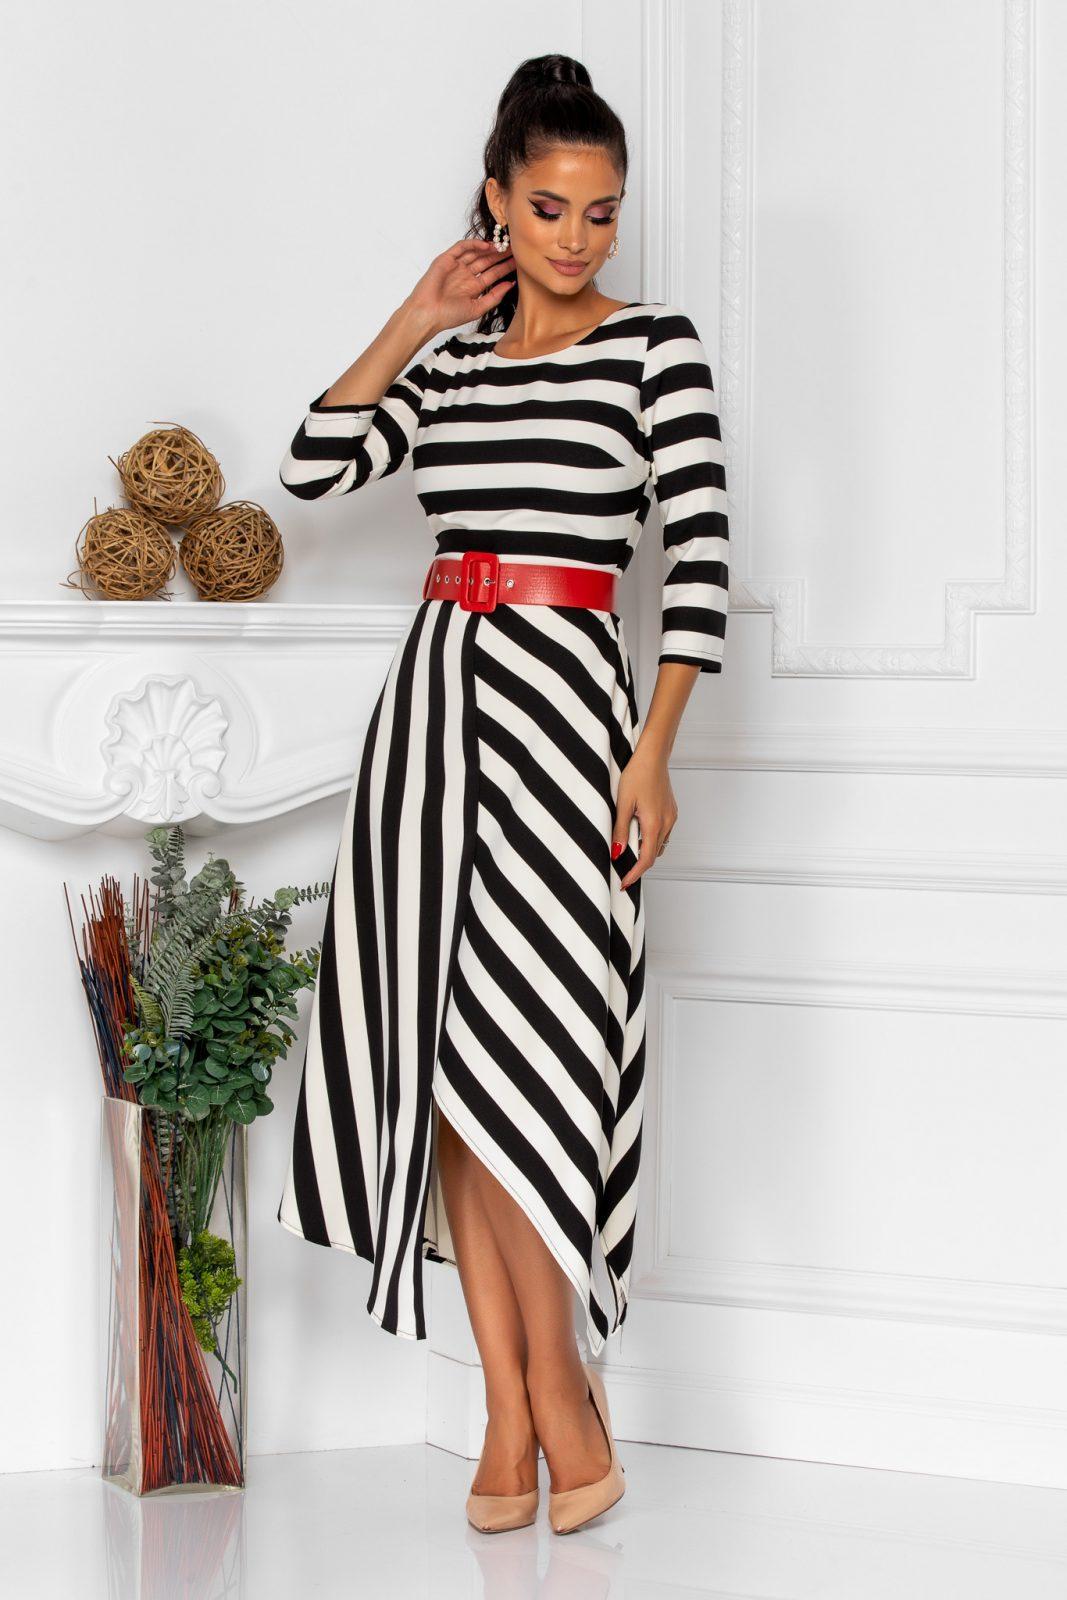 Ασπρόμαυρο Ριγέ Φόρεμα Με Ζώνη Vicky 8527 2